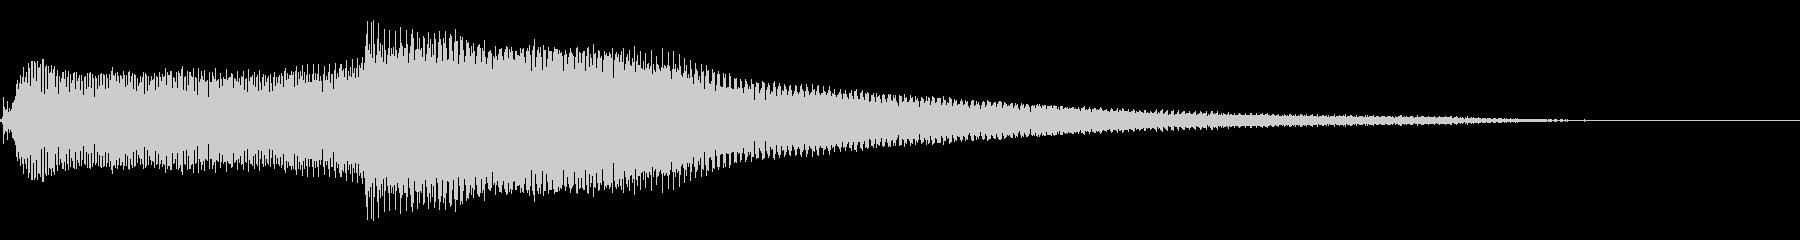 近未来的でSF的な音1の未再生の波形